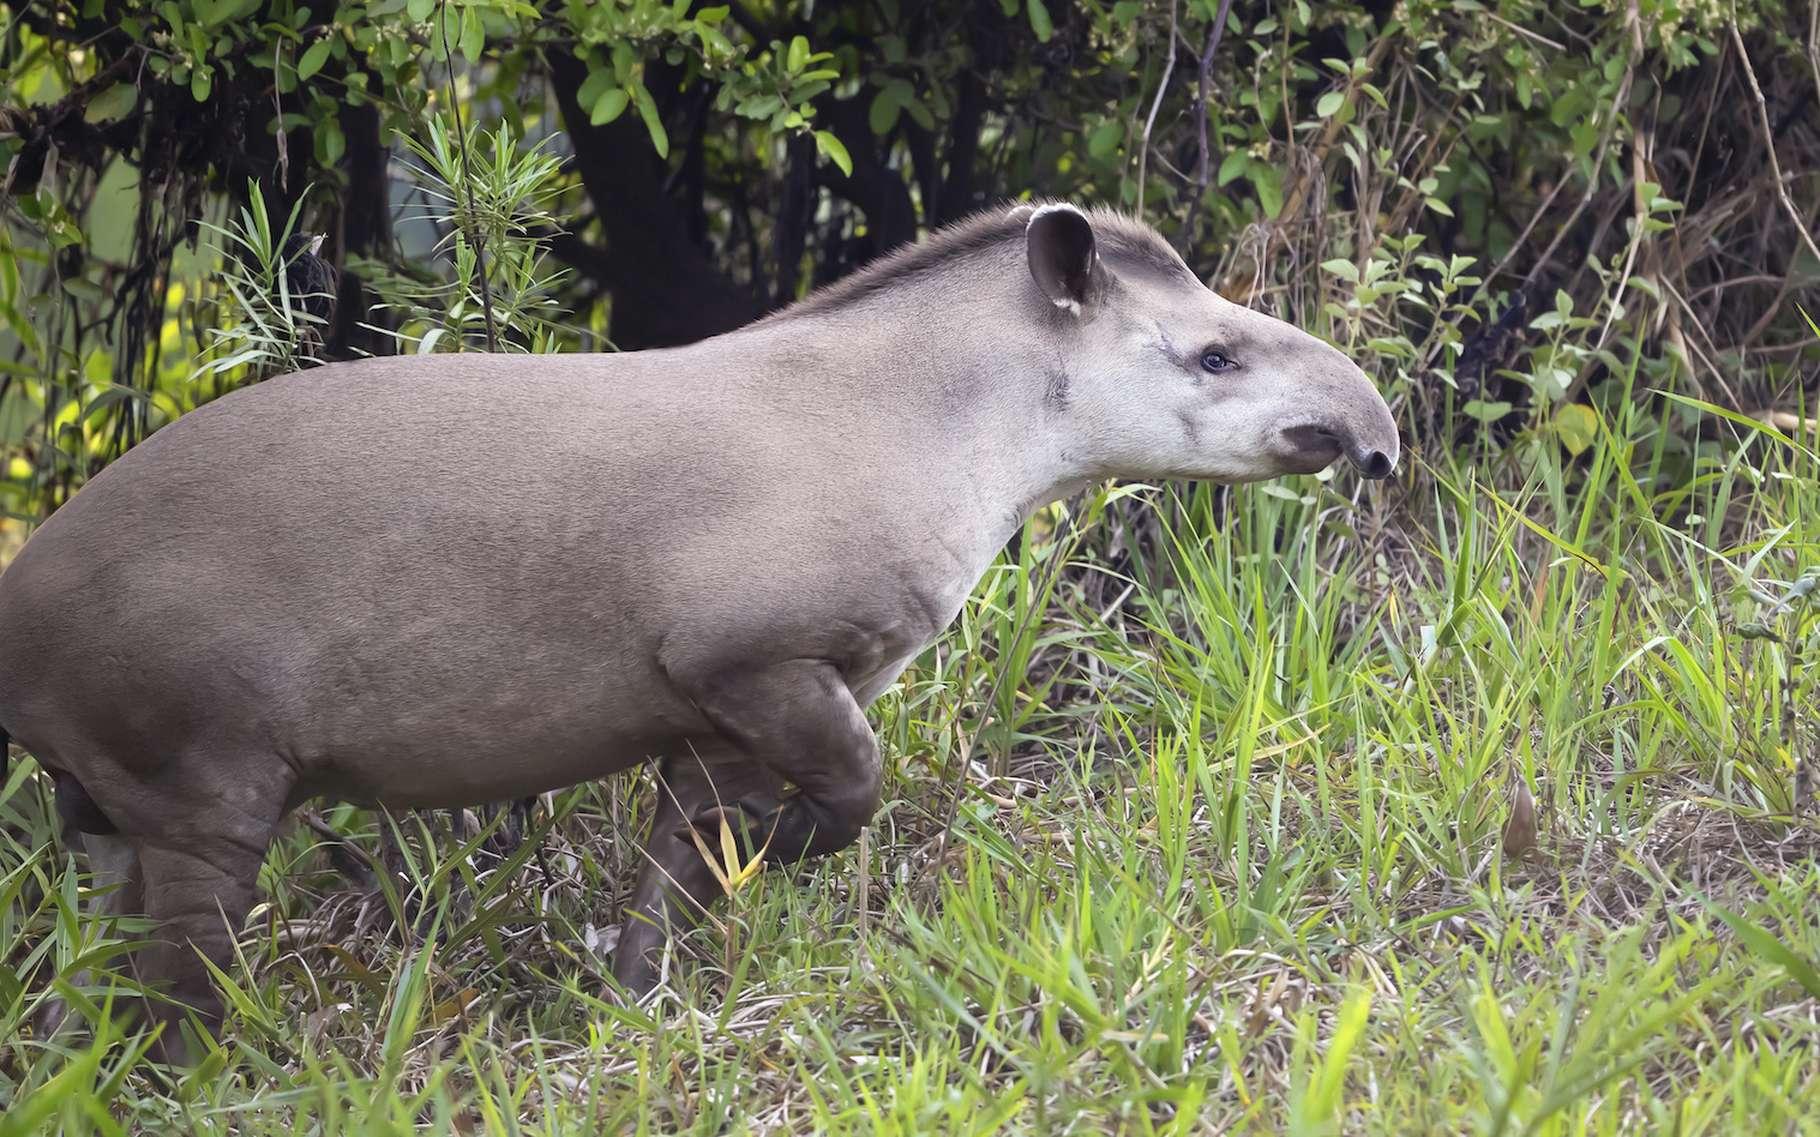 Des chercheurs s'intéressent aux excréments de tapir et à l'effet qu'ils pourraient avoir sur la forêt amazonienne. Riches en graines en tous genres, ils pourraient aider à la restaurer. © giedriius, Adobe Stock